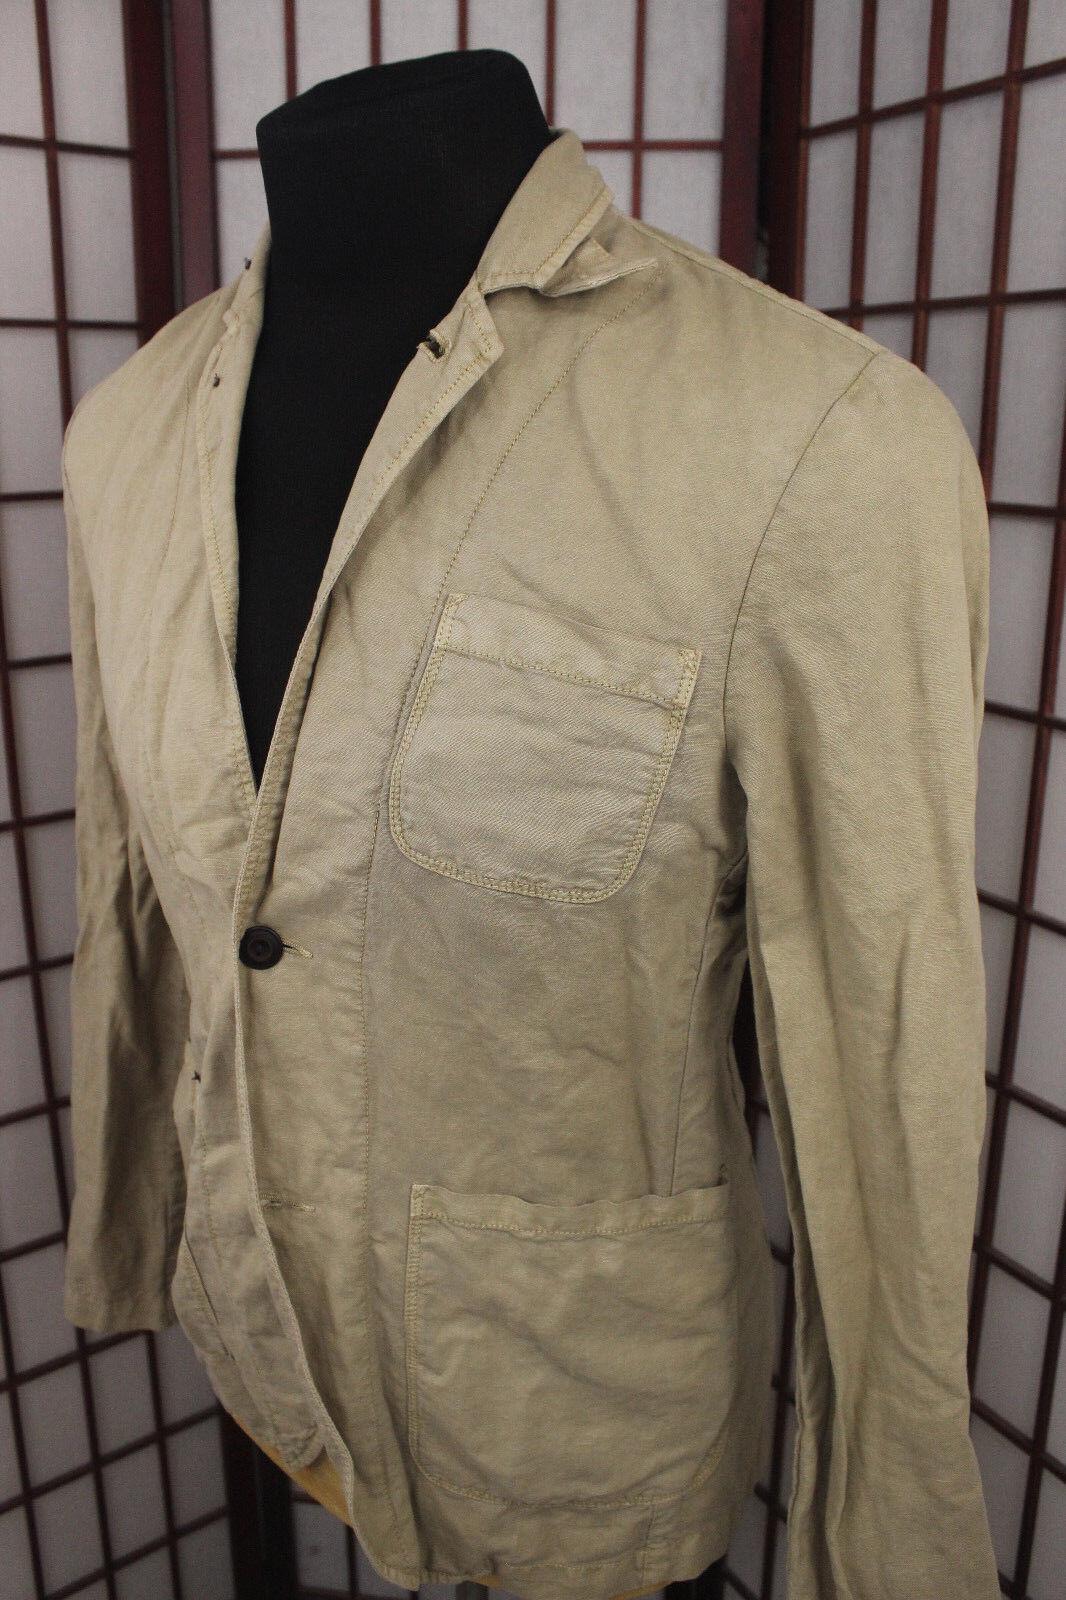 Lucky Brand Light Weight Linen Jacket Sz Medium Long Sleeve Tan Summer Fall